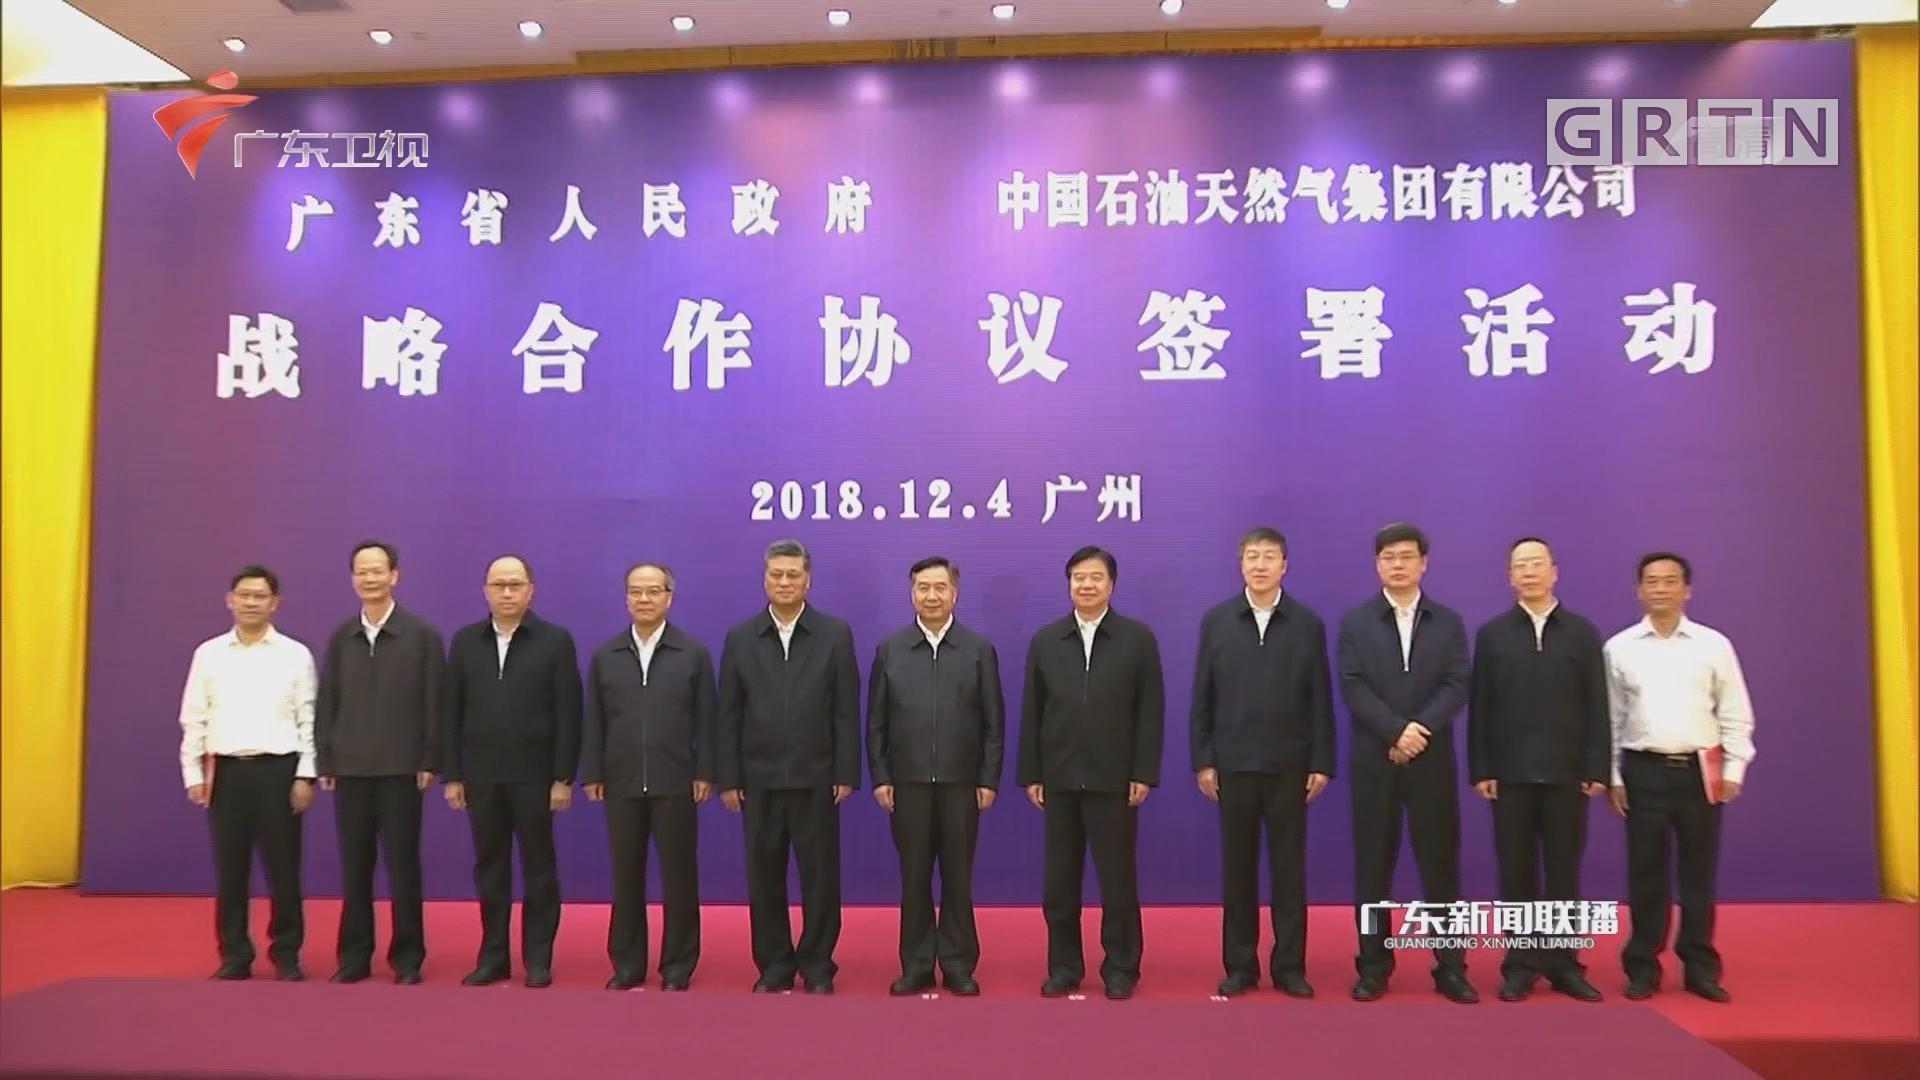 广东与中国石油天然气集团签署战略合作协议 李希 马兴瑞 王宜林出席活动